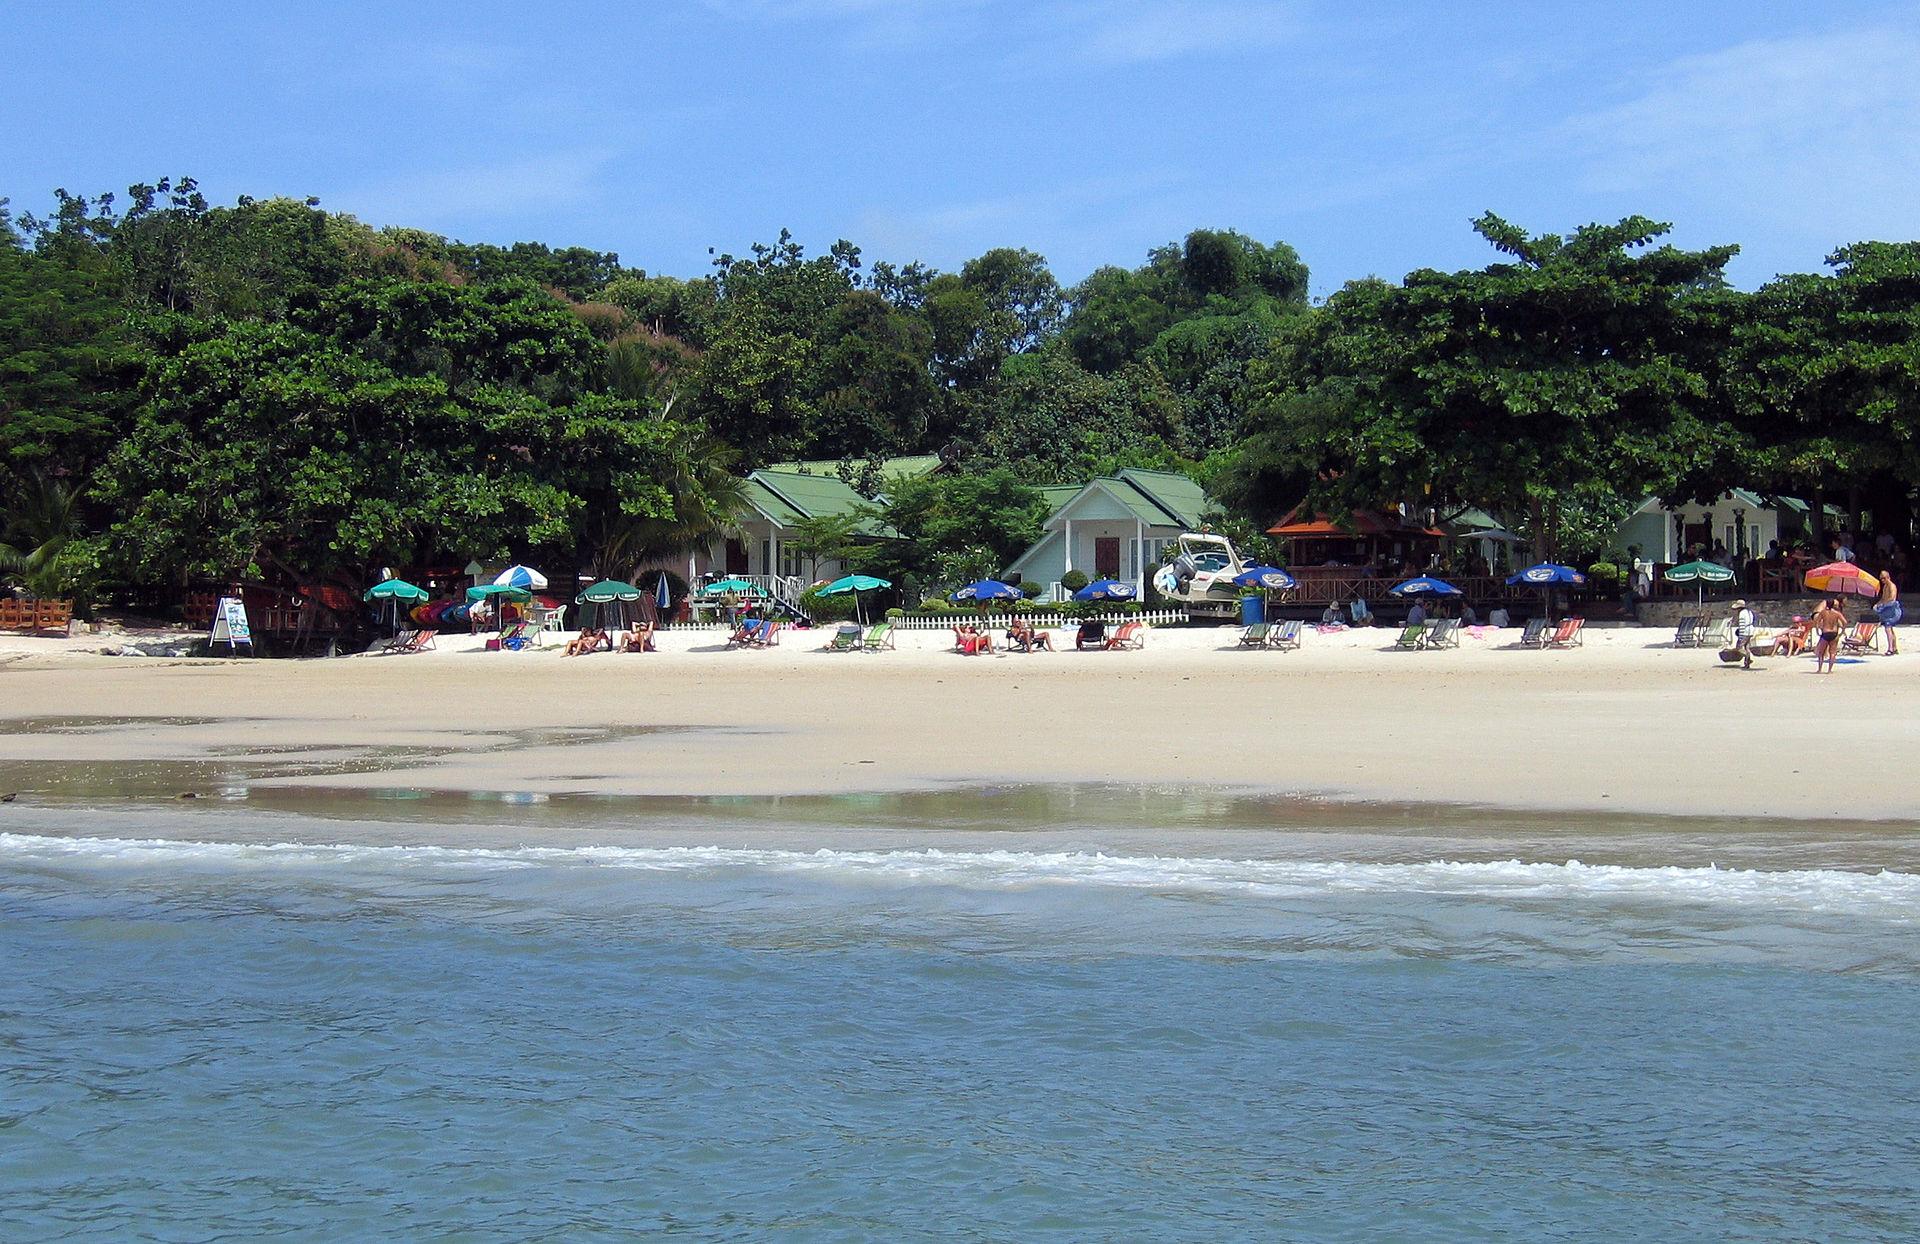 【泰國皇室渡假必去】全程來回交通接送,方便輕鬆 |泰 ‧ 程 ‧ 尋 | 沙美島自由行套票3-31天